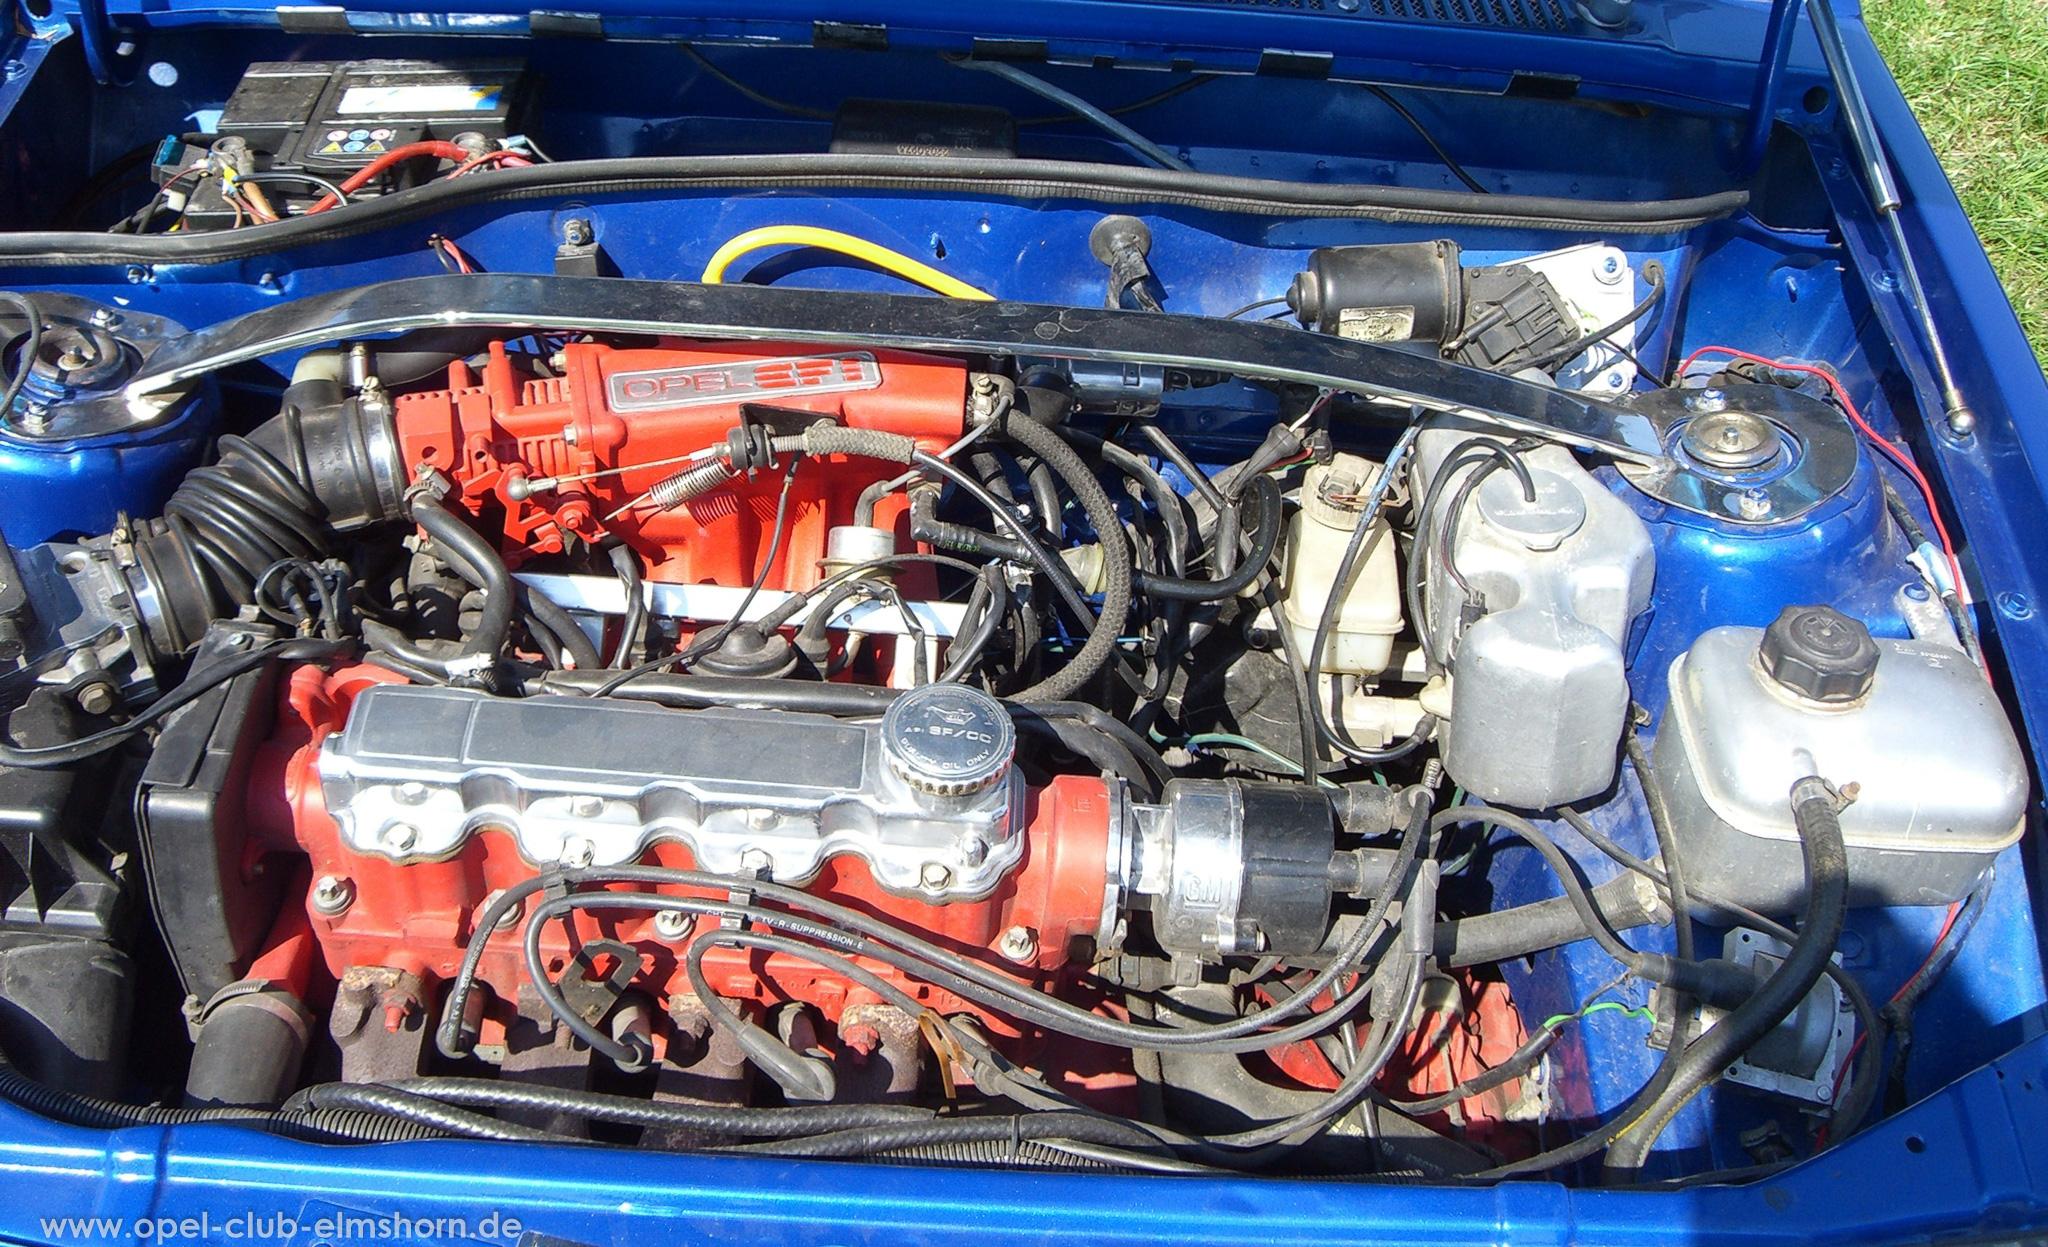 Opeltreffen Brunsbüttel Opelfreunde 2008 - 20080704_162612 - Corsa A Motorraum